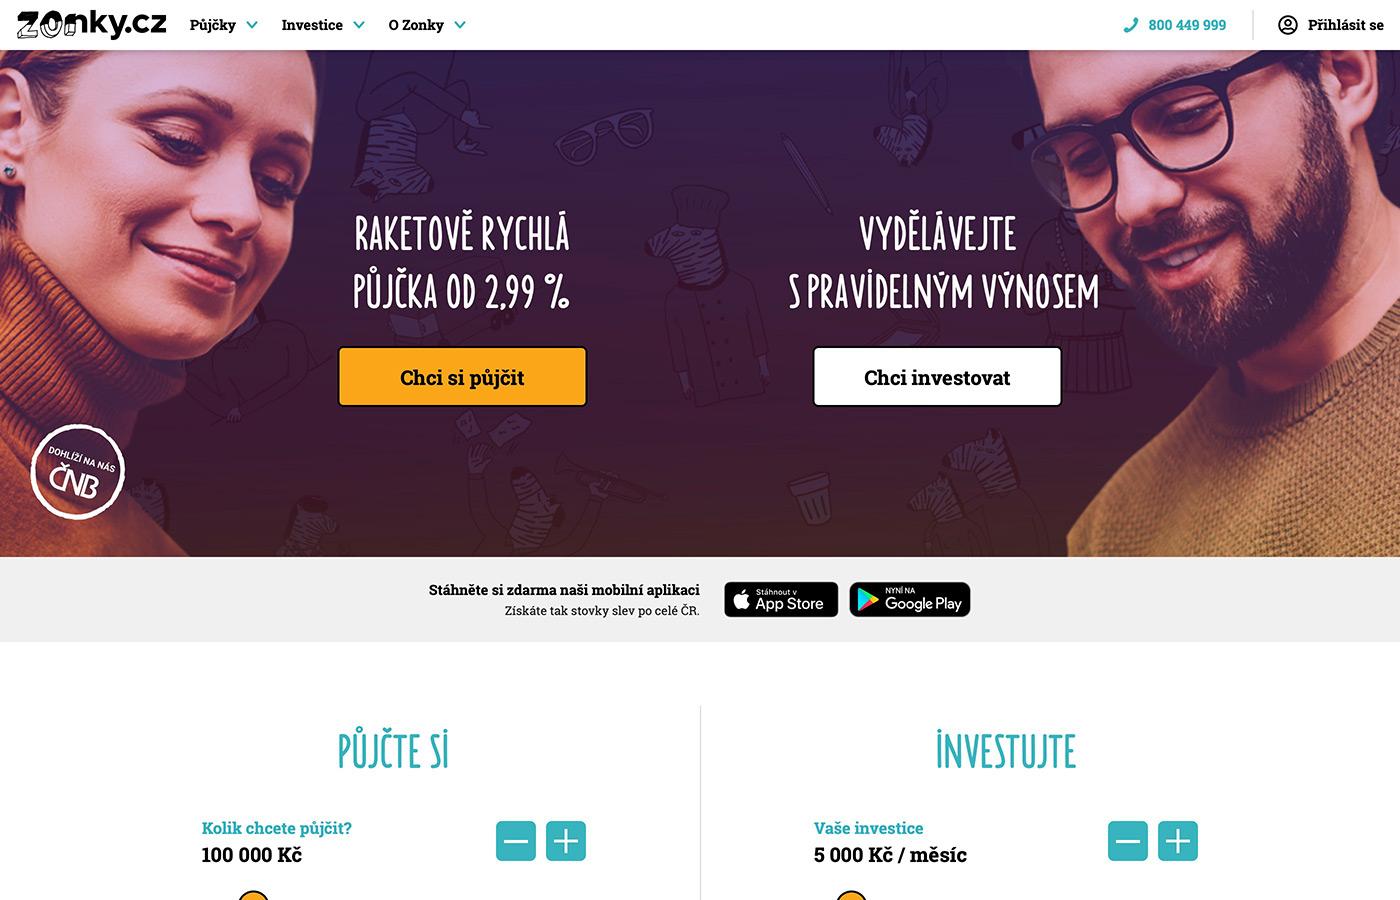 Webové stránky https://www.zonky.cz